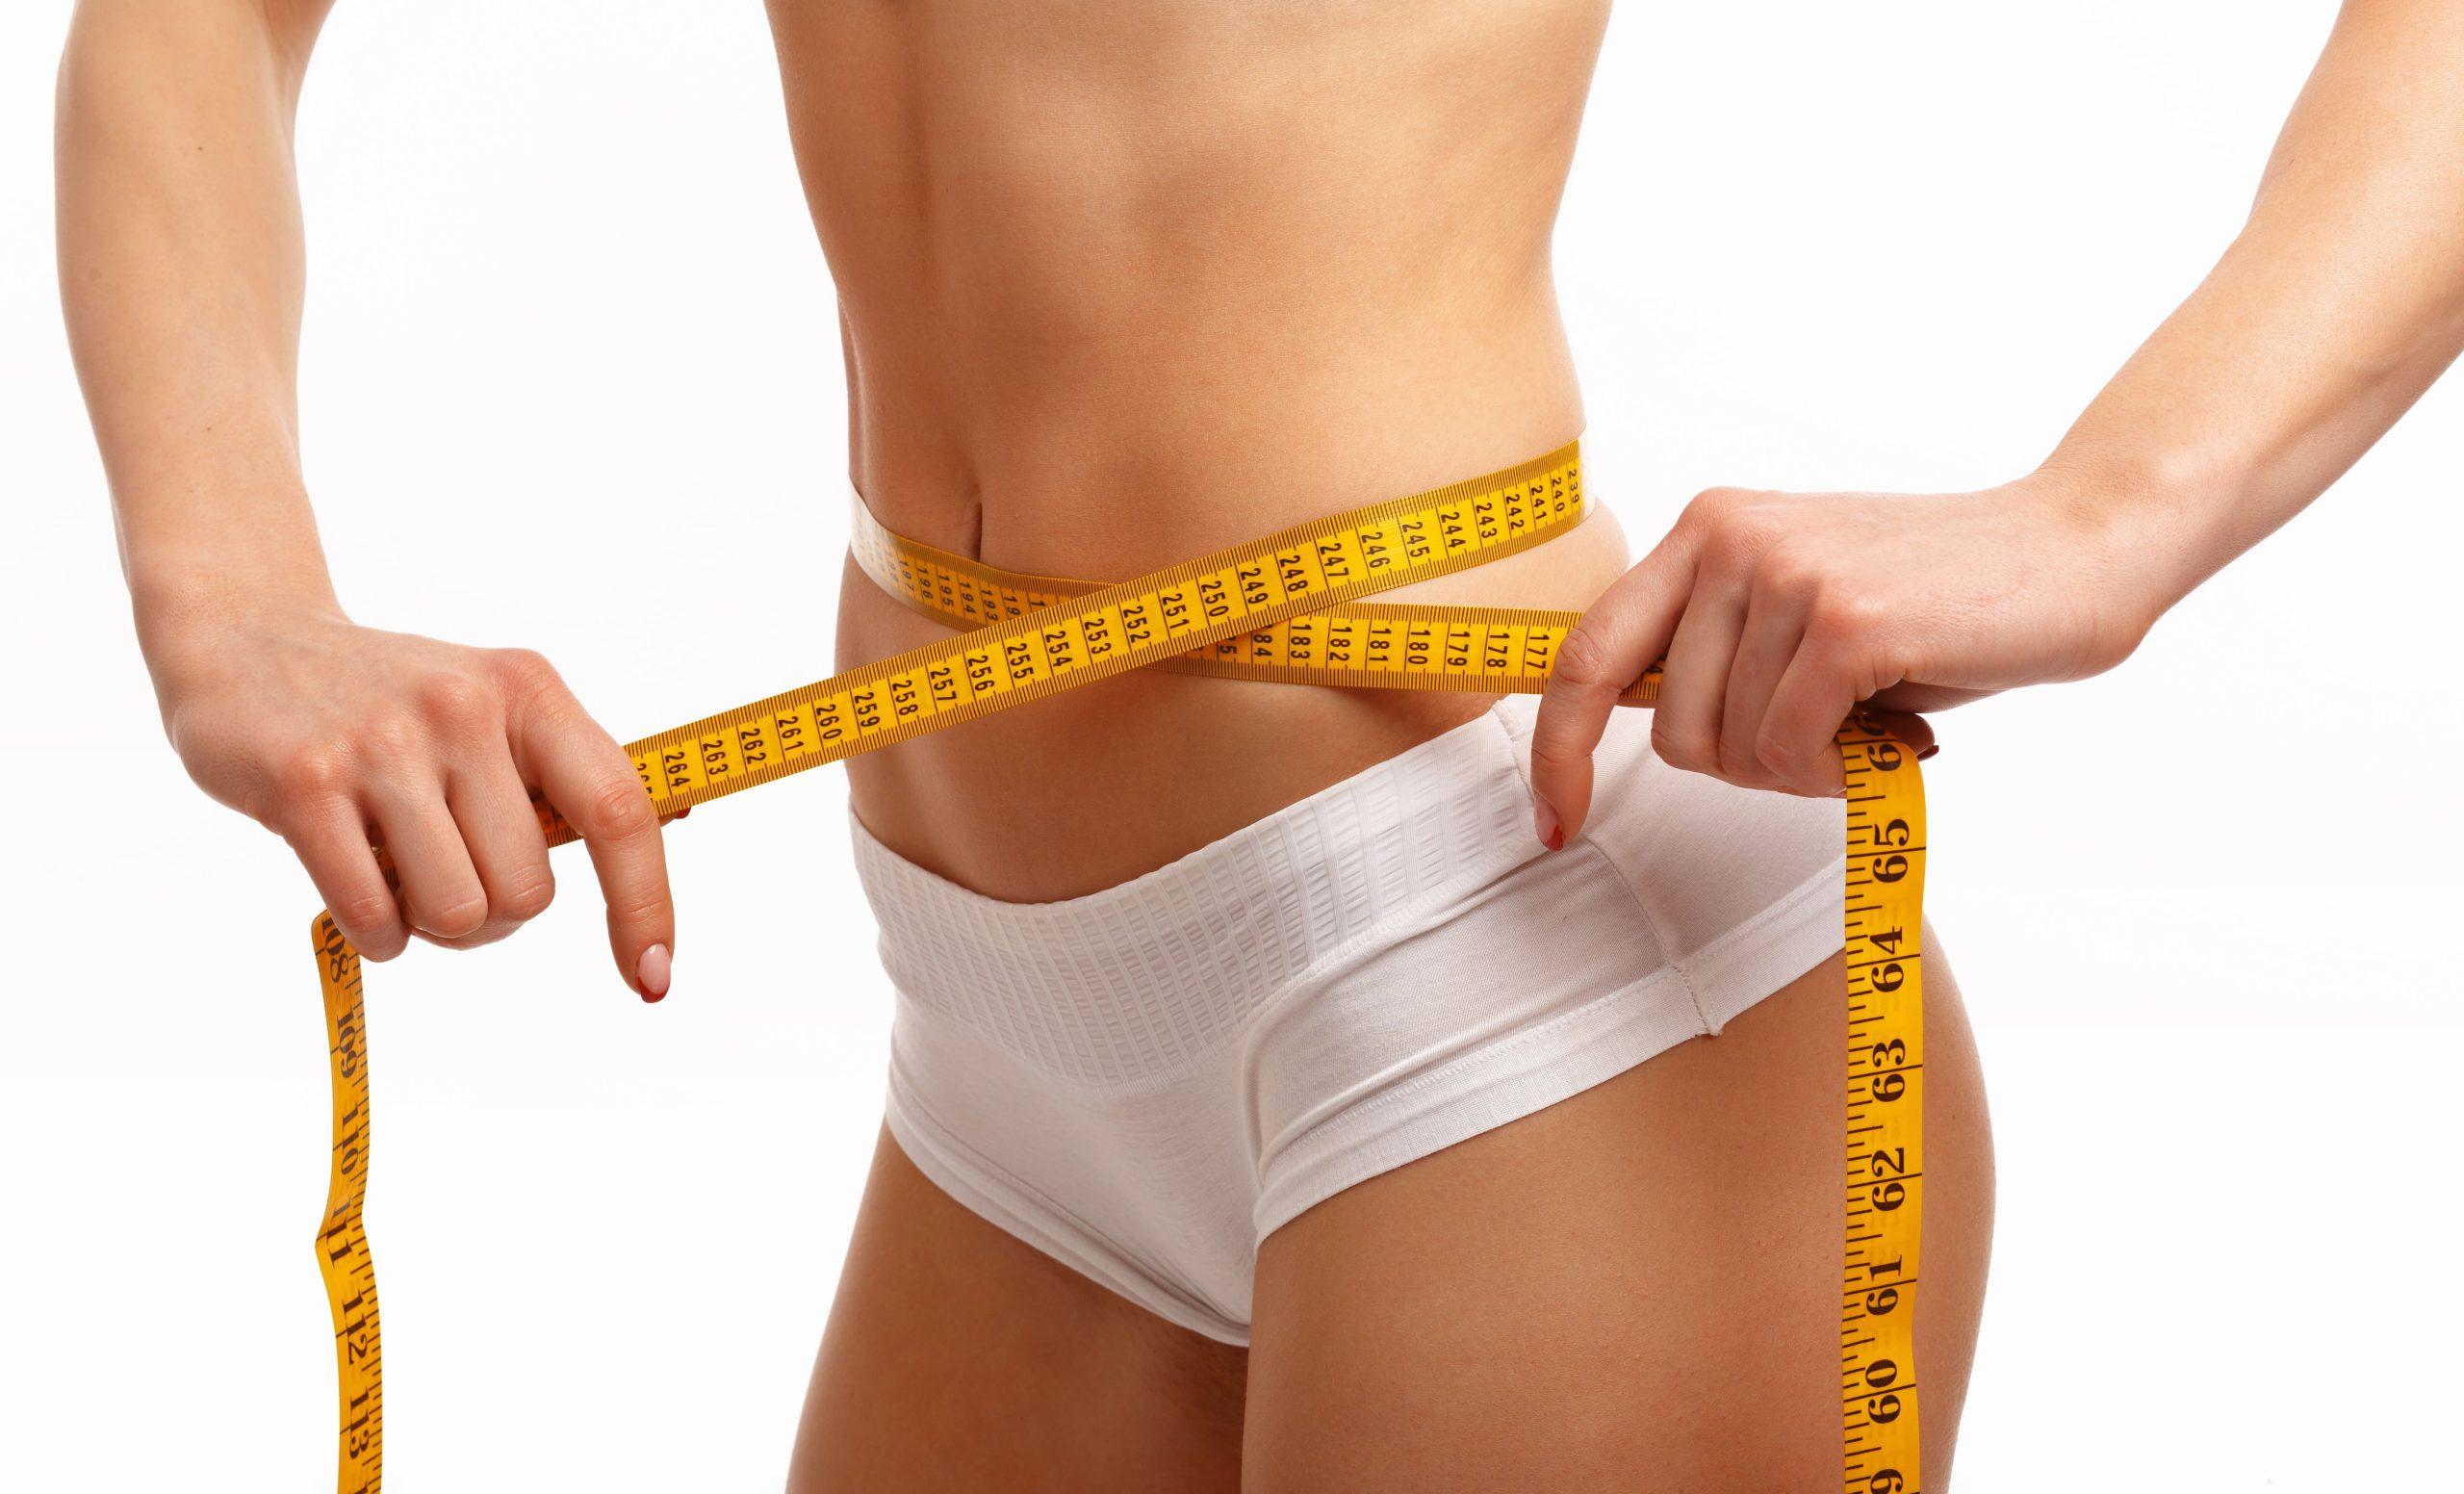 Cual es la operacion para sacarse la grasa del abdomen